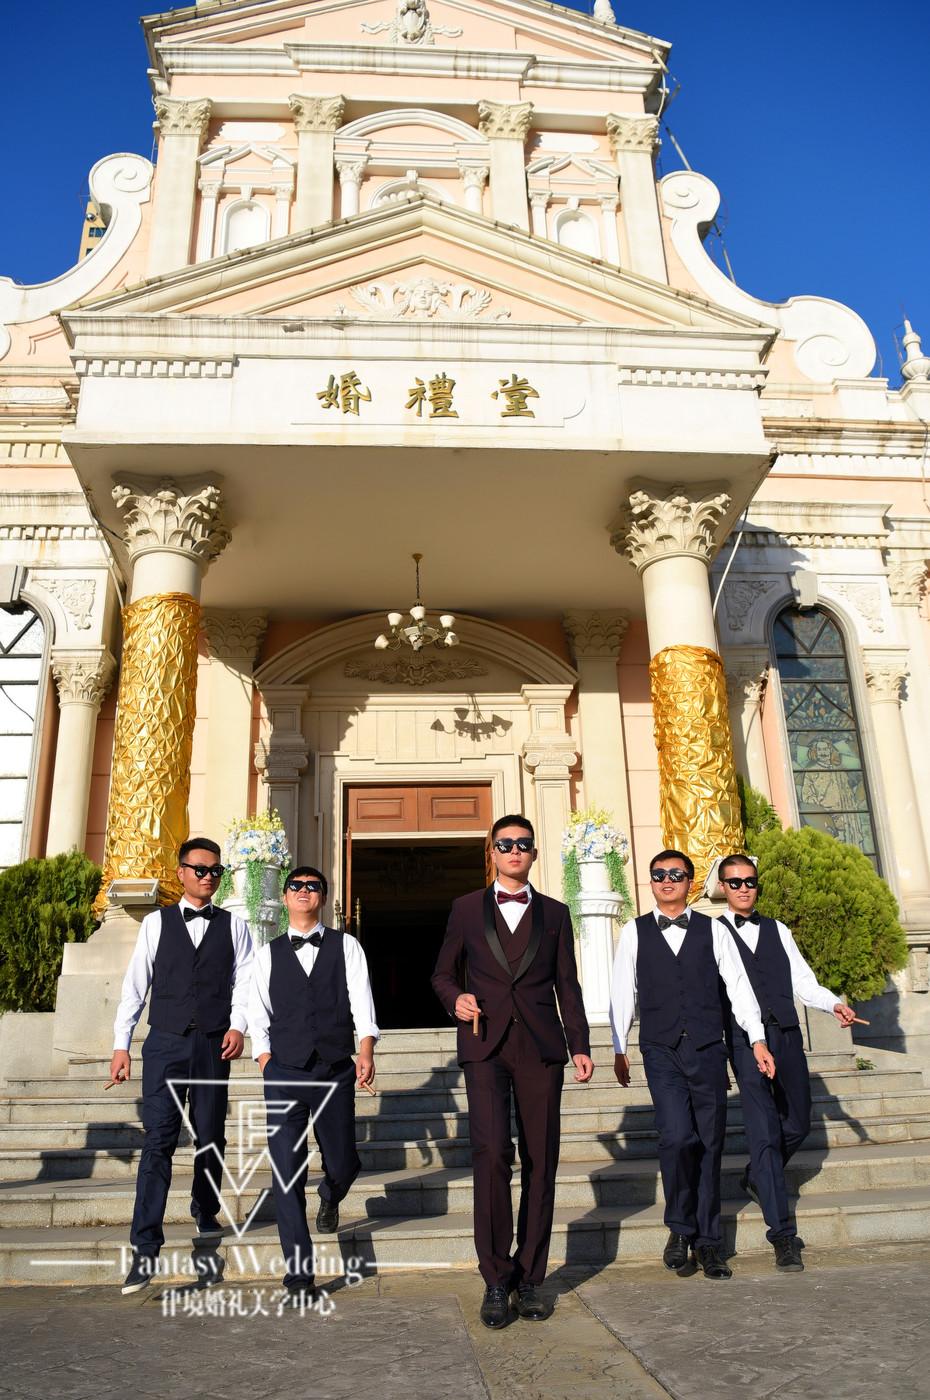 「律境婚礼」 胡萝卜& 方莱婚礼6